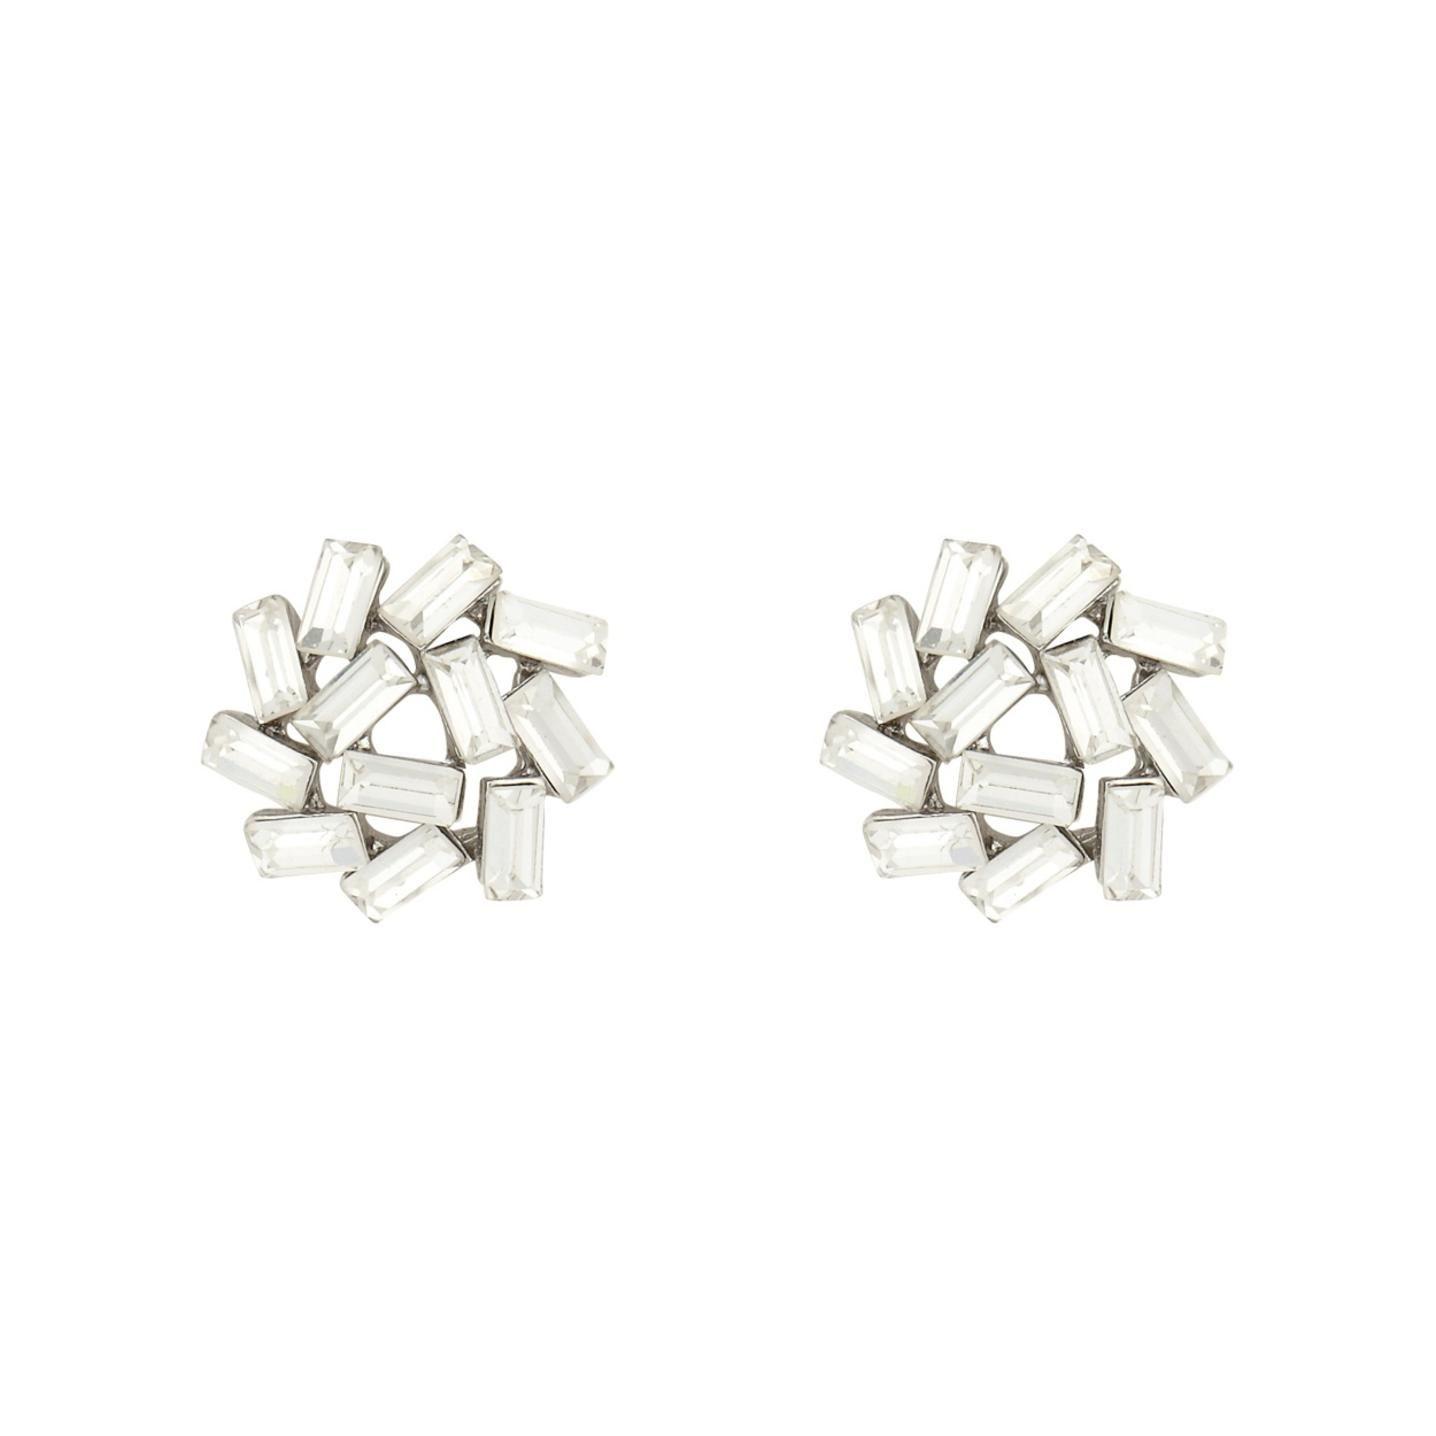 Designer Silver Baguette Stone Cer Stud Earrings 1